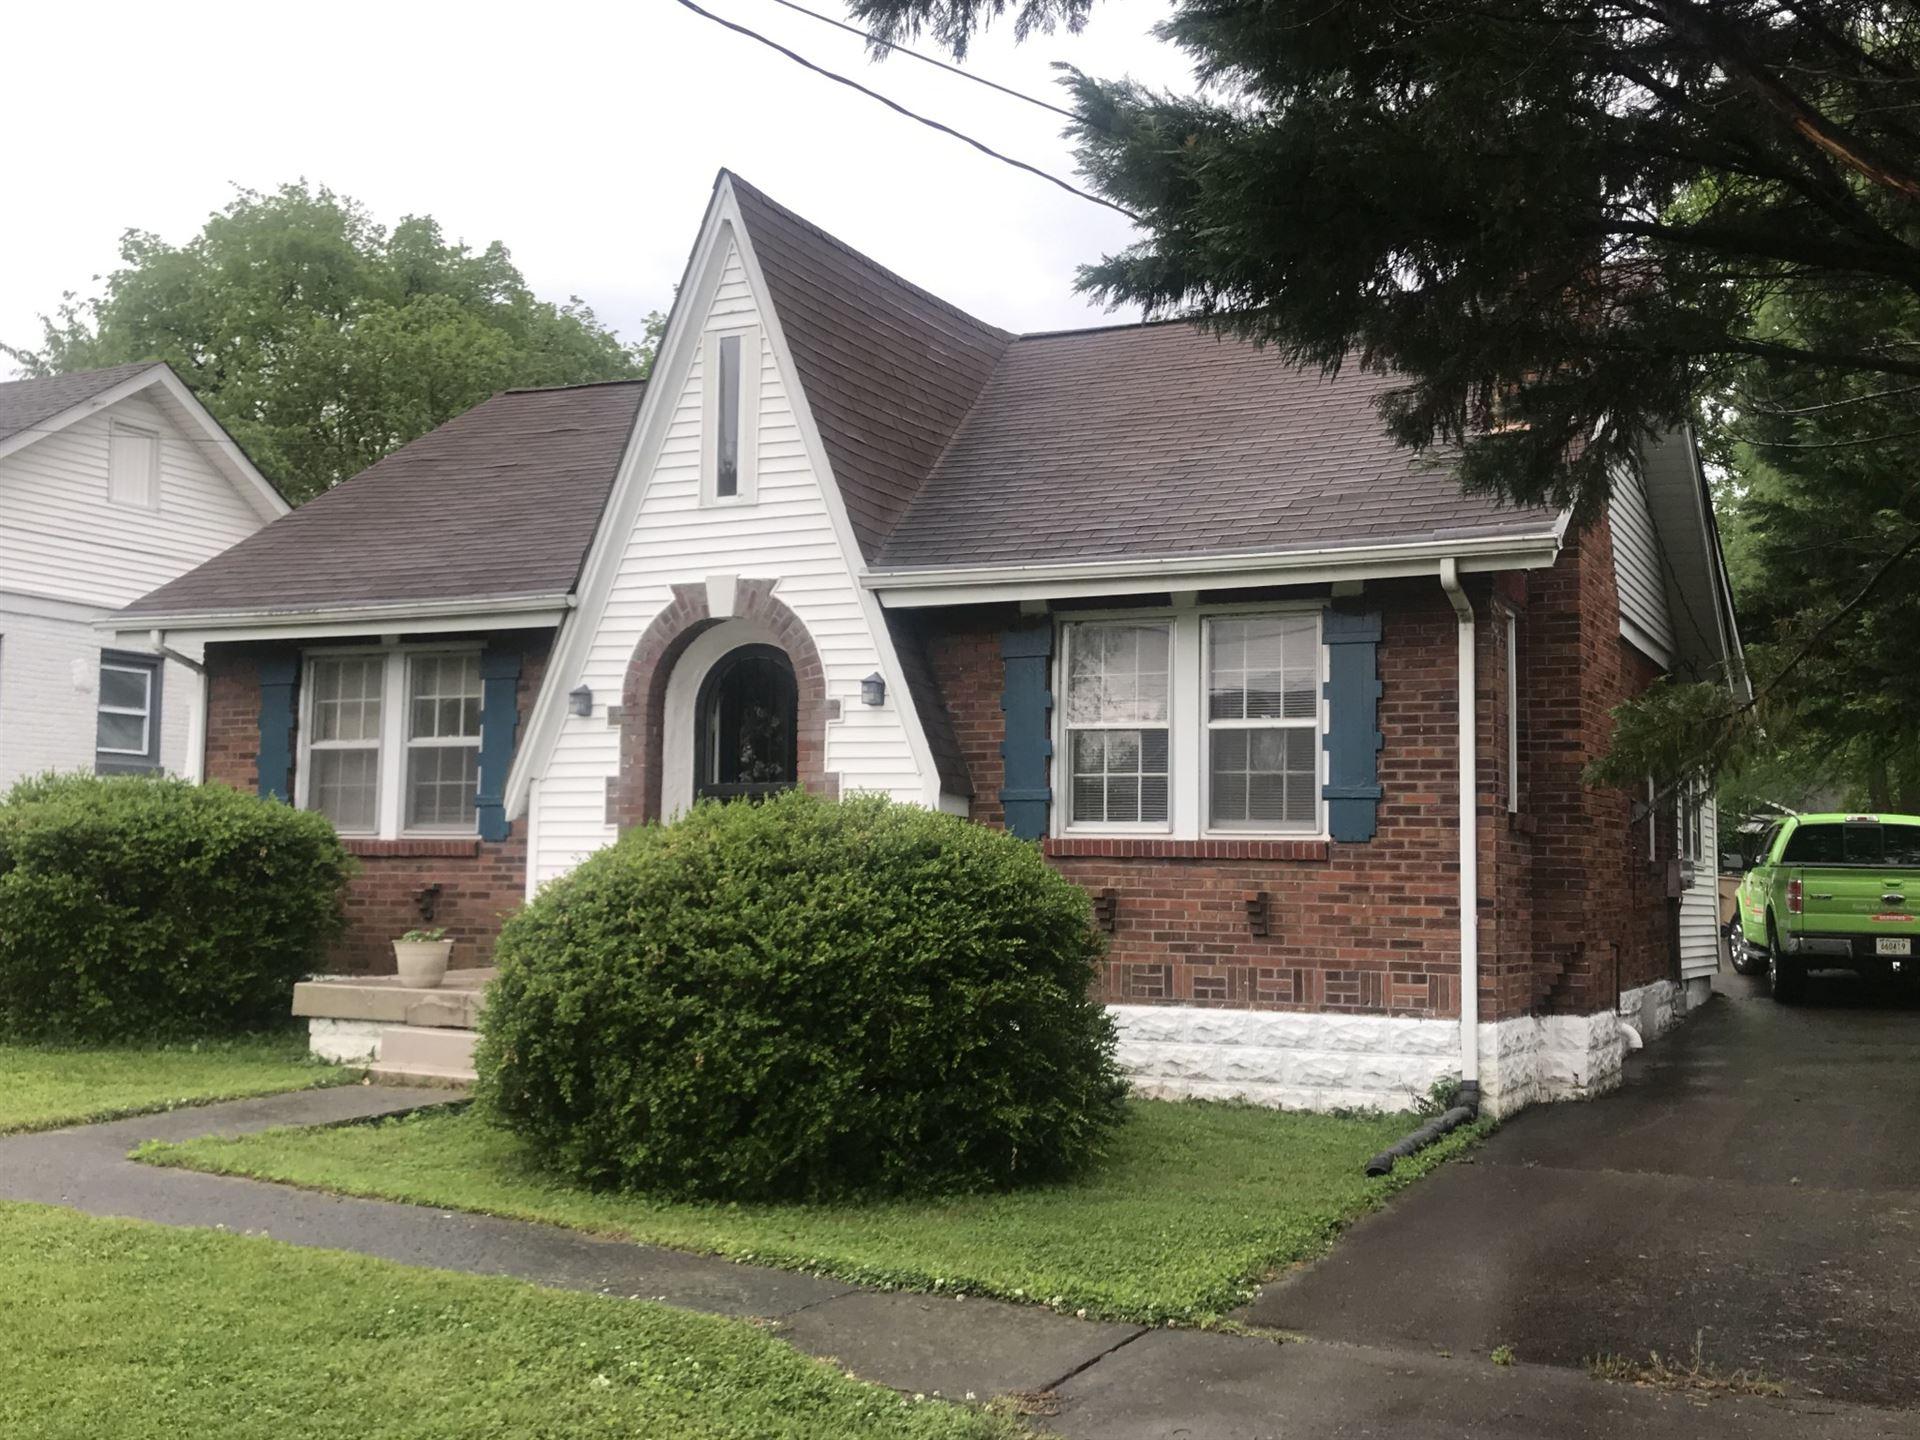 Photo of 1320 Stratford Ave, Nashville, TN 37216 (MLS # 2251972)